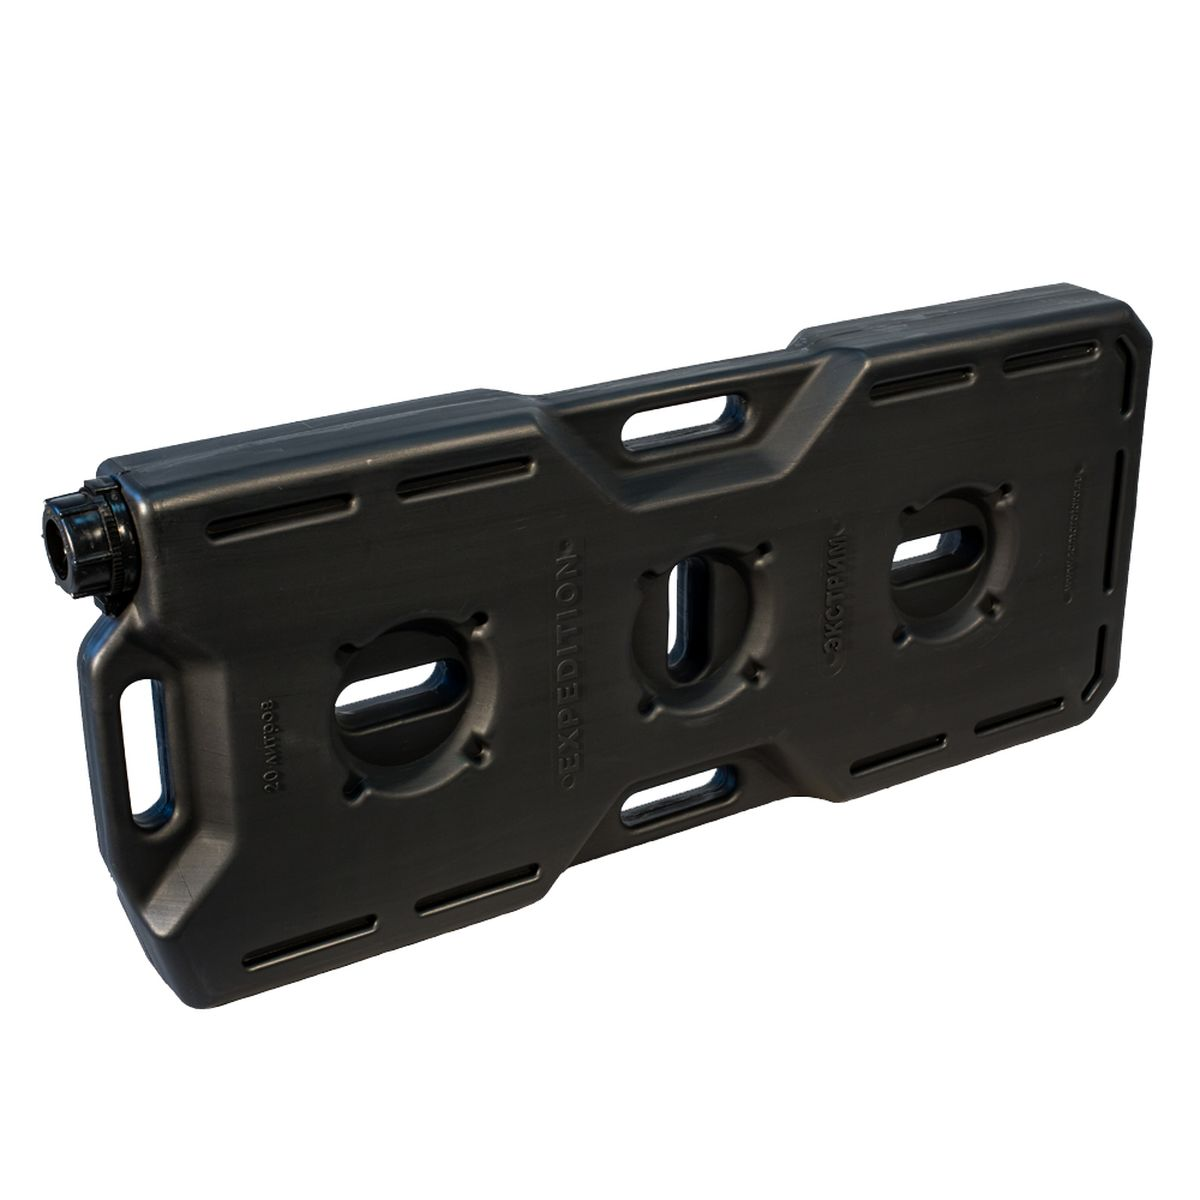 Канистра автомобильная Экстрим Плюс, цвет: черный, 20 л канистра пластиковая для гсм 10л 62 4 009